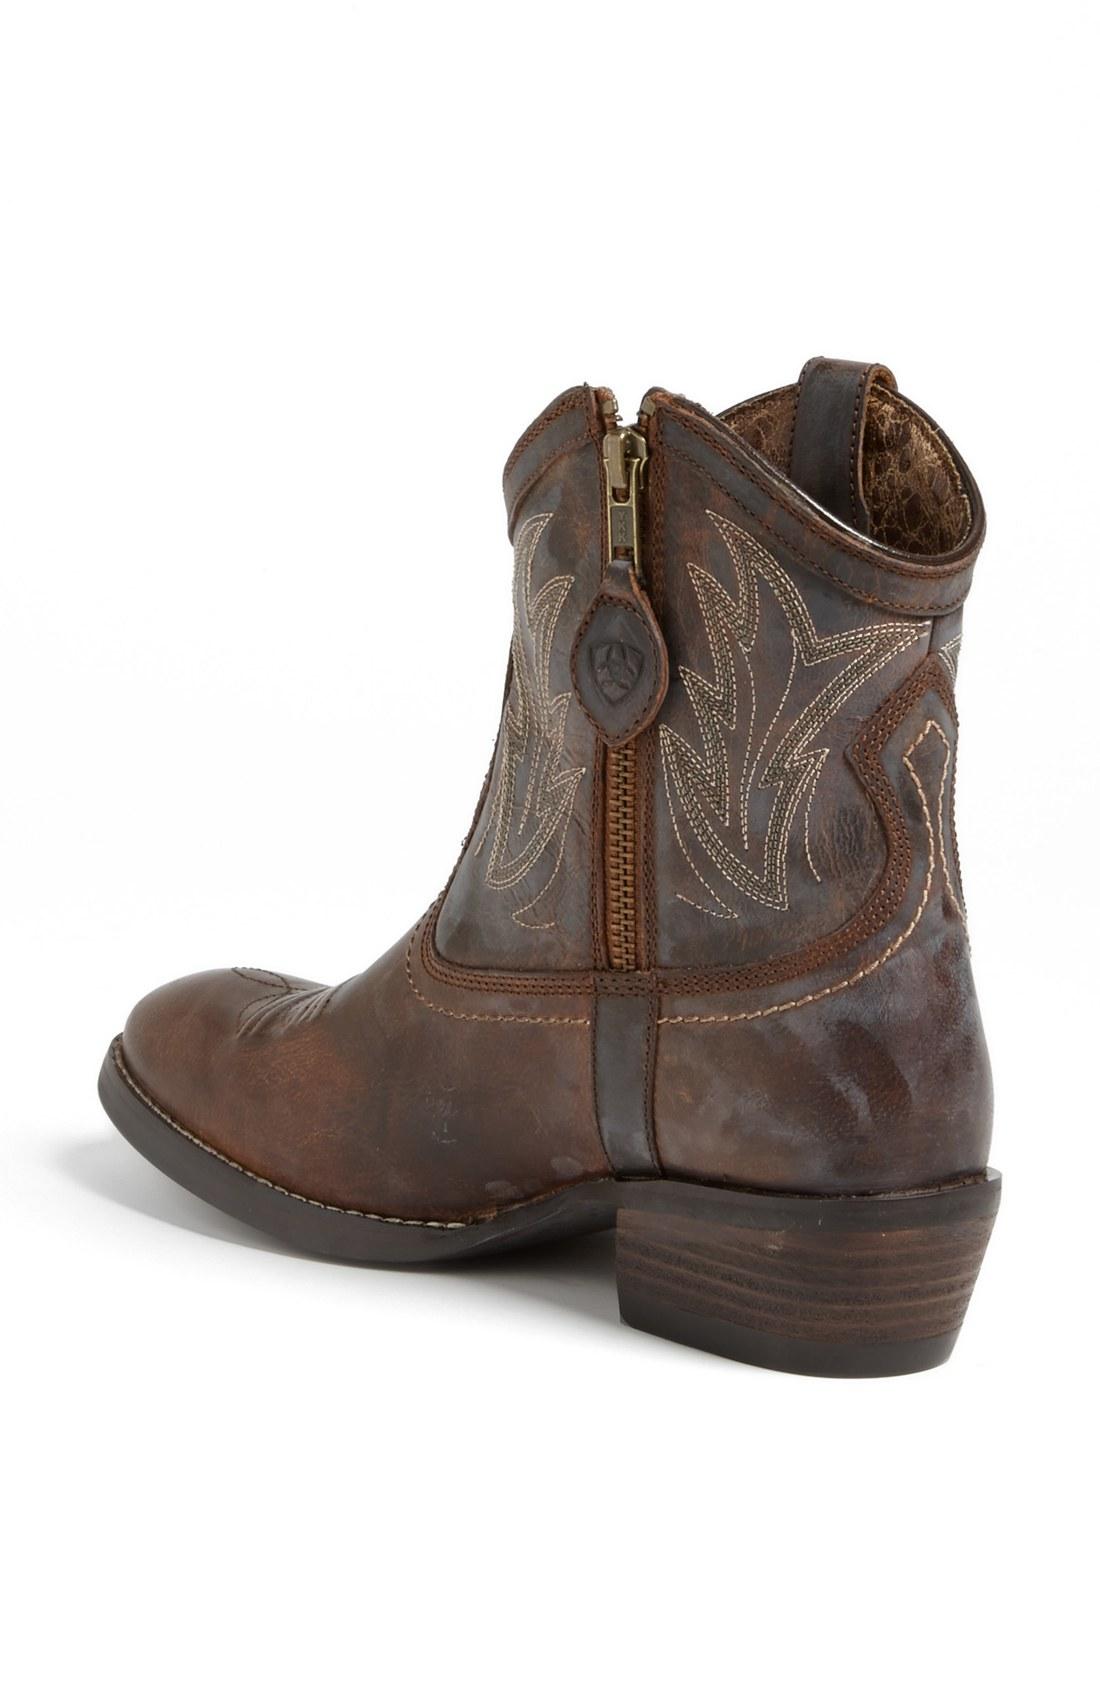 Ariat Boots Billie - Boot Hto